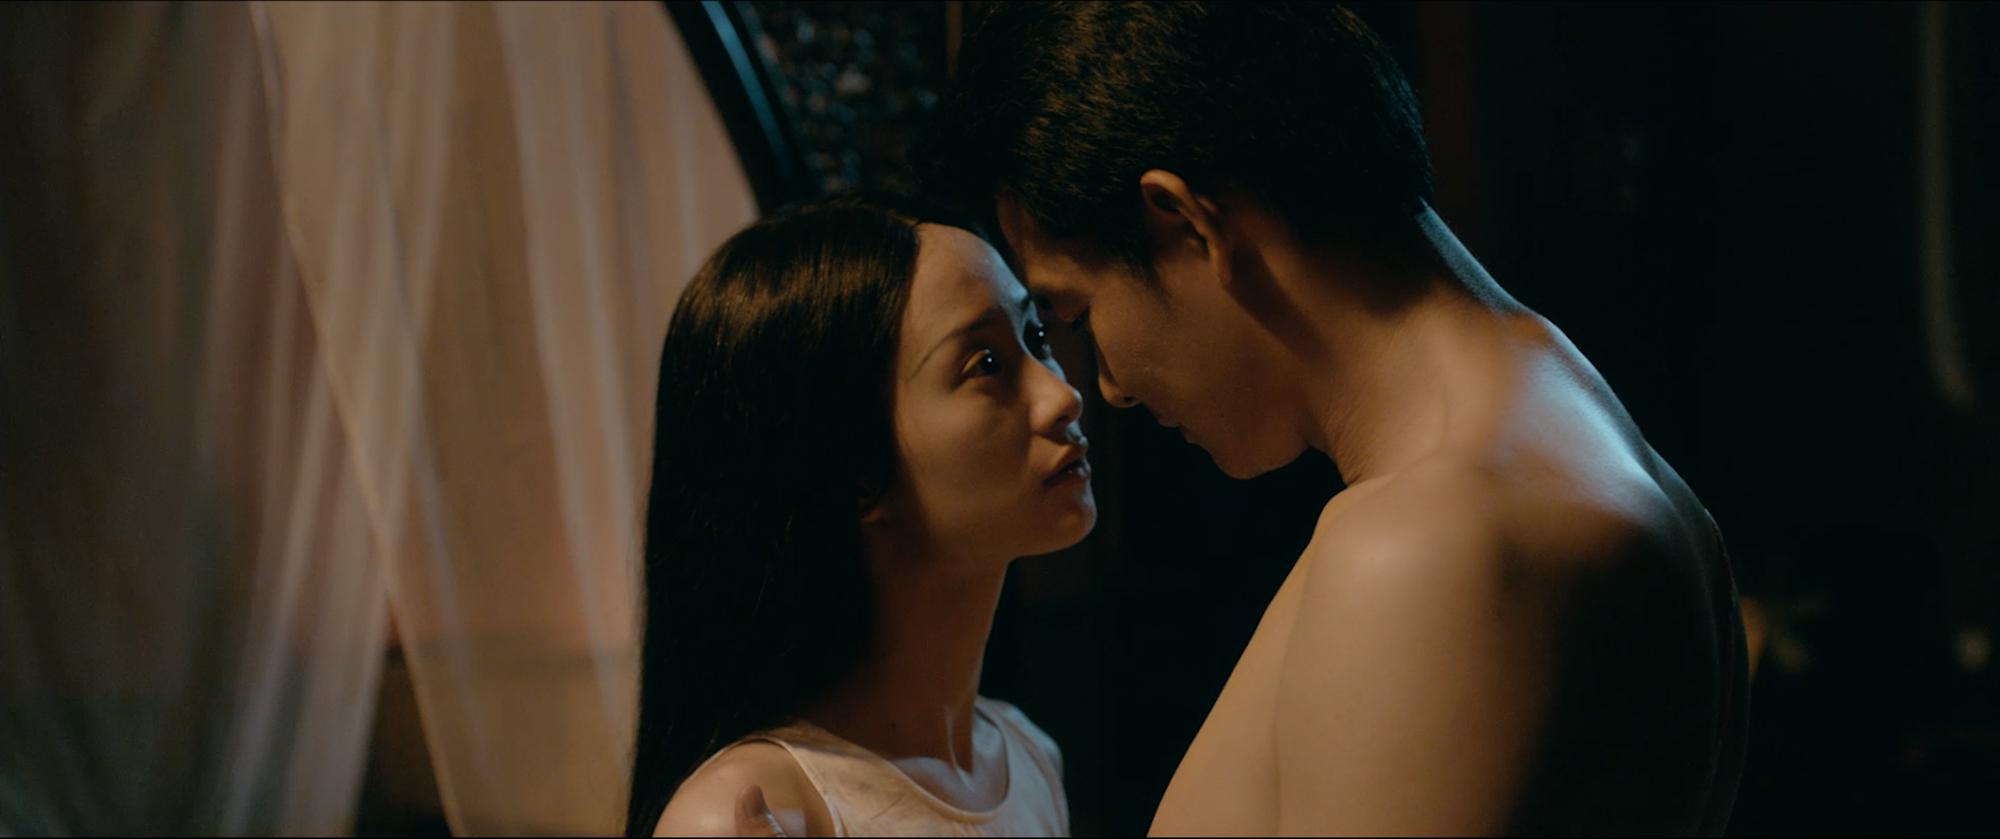 Jun Vũ tập hát ả đào, thoải mái đóng cảnh nóng trong Người Bất Tử - Ảnh 13.